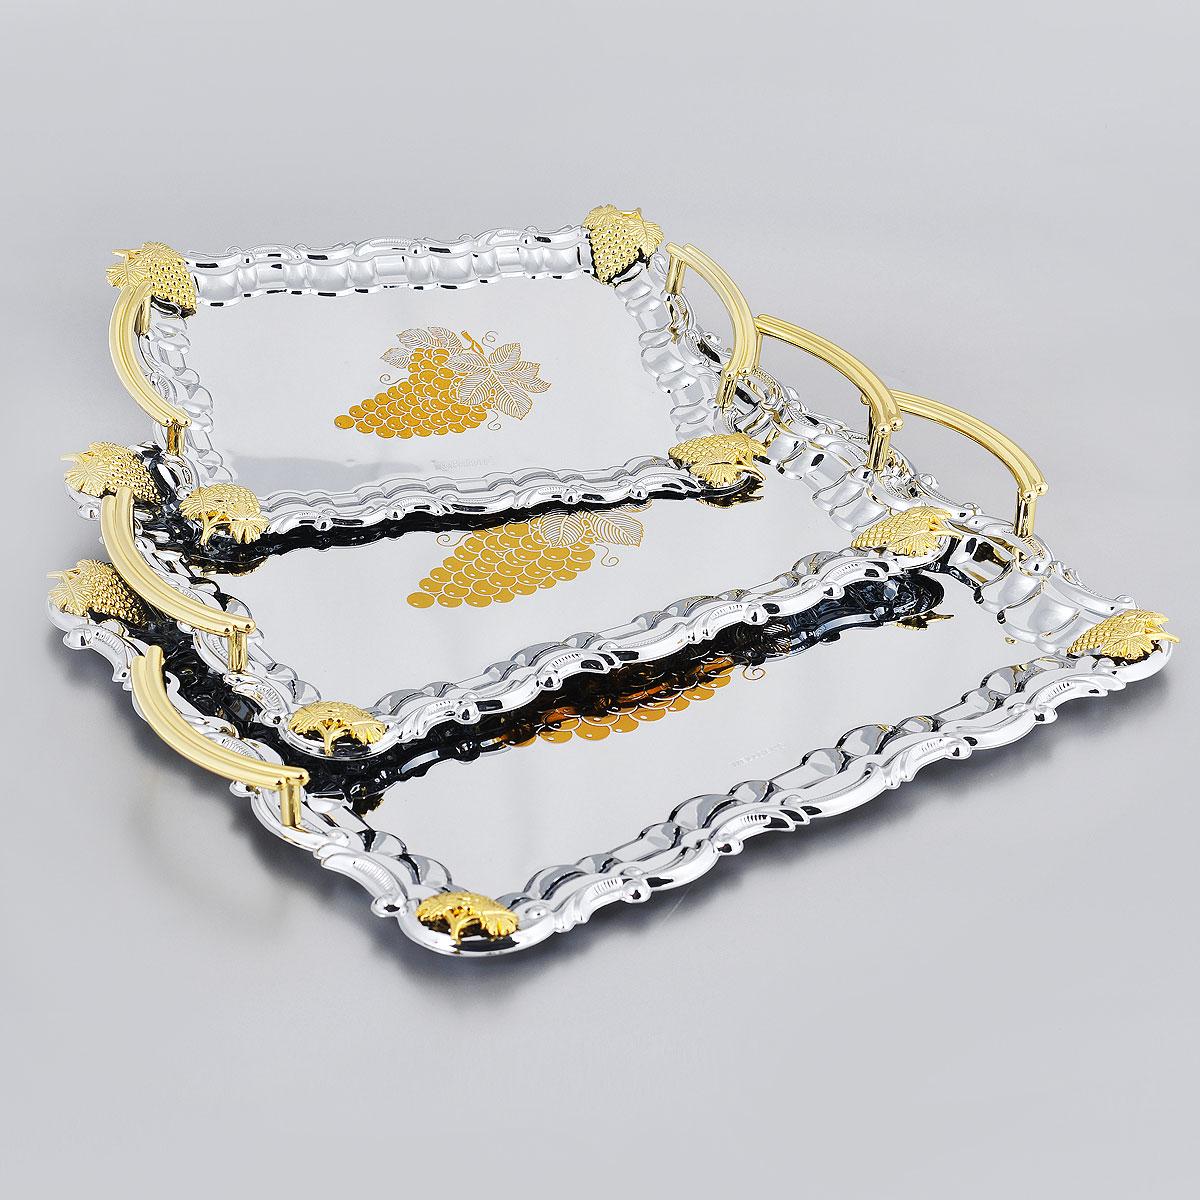 Набор подносов Wellberg Belvedere, 3 шт. 266WB115510Набор Wellberg Belvedere состоит из трех сервировочных подносов разного размера. Подносы изготовлены из высококачественной хромированной стали. Они имеют прямоугольную форму и оформлены изображением виноградной грозди, декоративными элементами и ручками золотистого цвета.Подносы отлично подойдут для подачи рыбных блюд, а традиционные блюда будут выглядеть на них более аппетитно. Благодаря оригинальному дизайну сервировочные подносы придадут элегантный вид любому обеденному столу.Не рекомендуется мыть в посудомоечной машине. Размер малого подноса: 26,4 см х 19 см. Размер среднего подноса: 33,5 см х 24 см. Размер большого подноса: 39,5 см х 32,5 см.